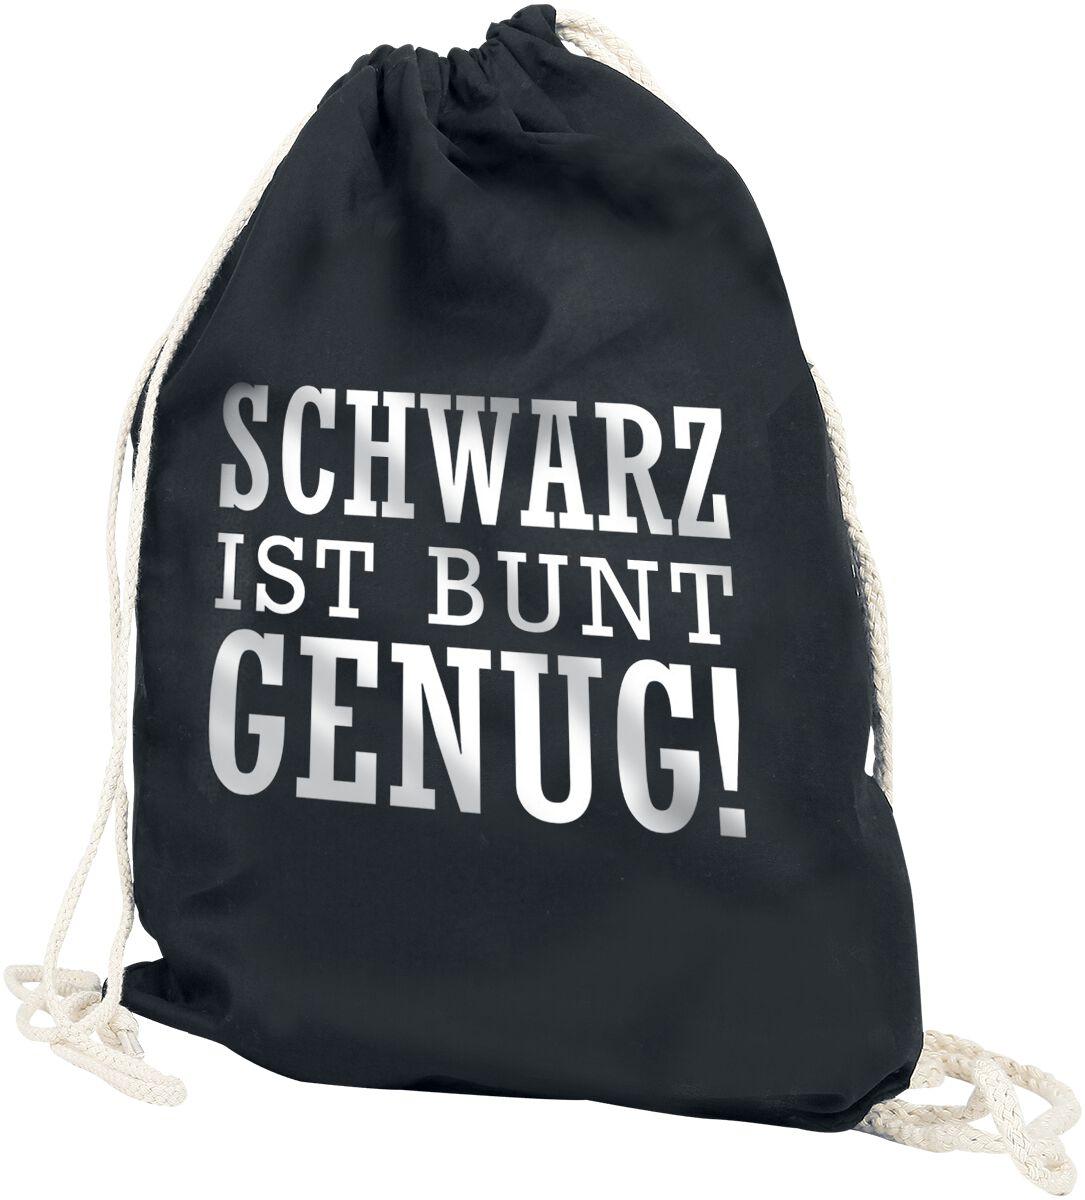 Sporttaschen für Frauen - Schwarz ist bunt genug Turnbeutel schwarz  - Onlineshop EMP